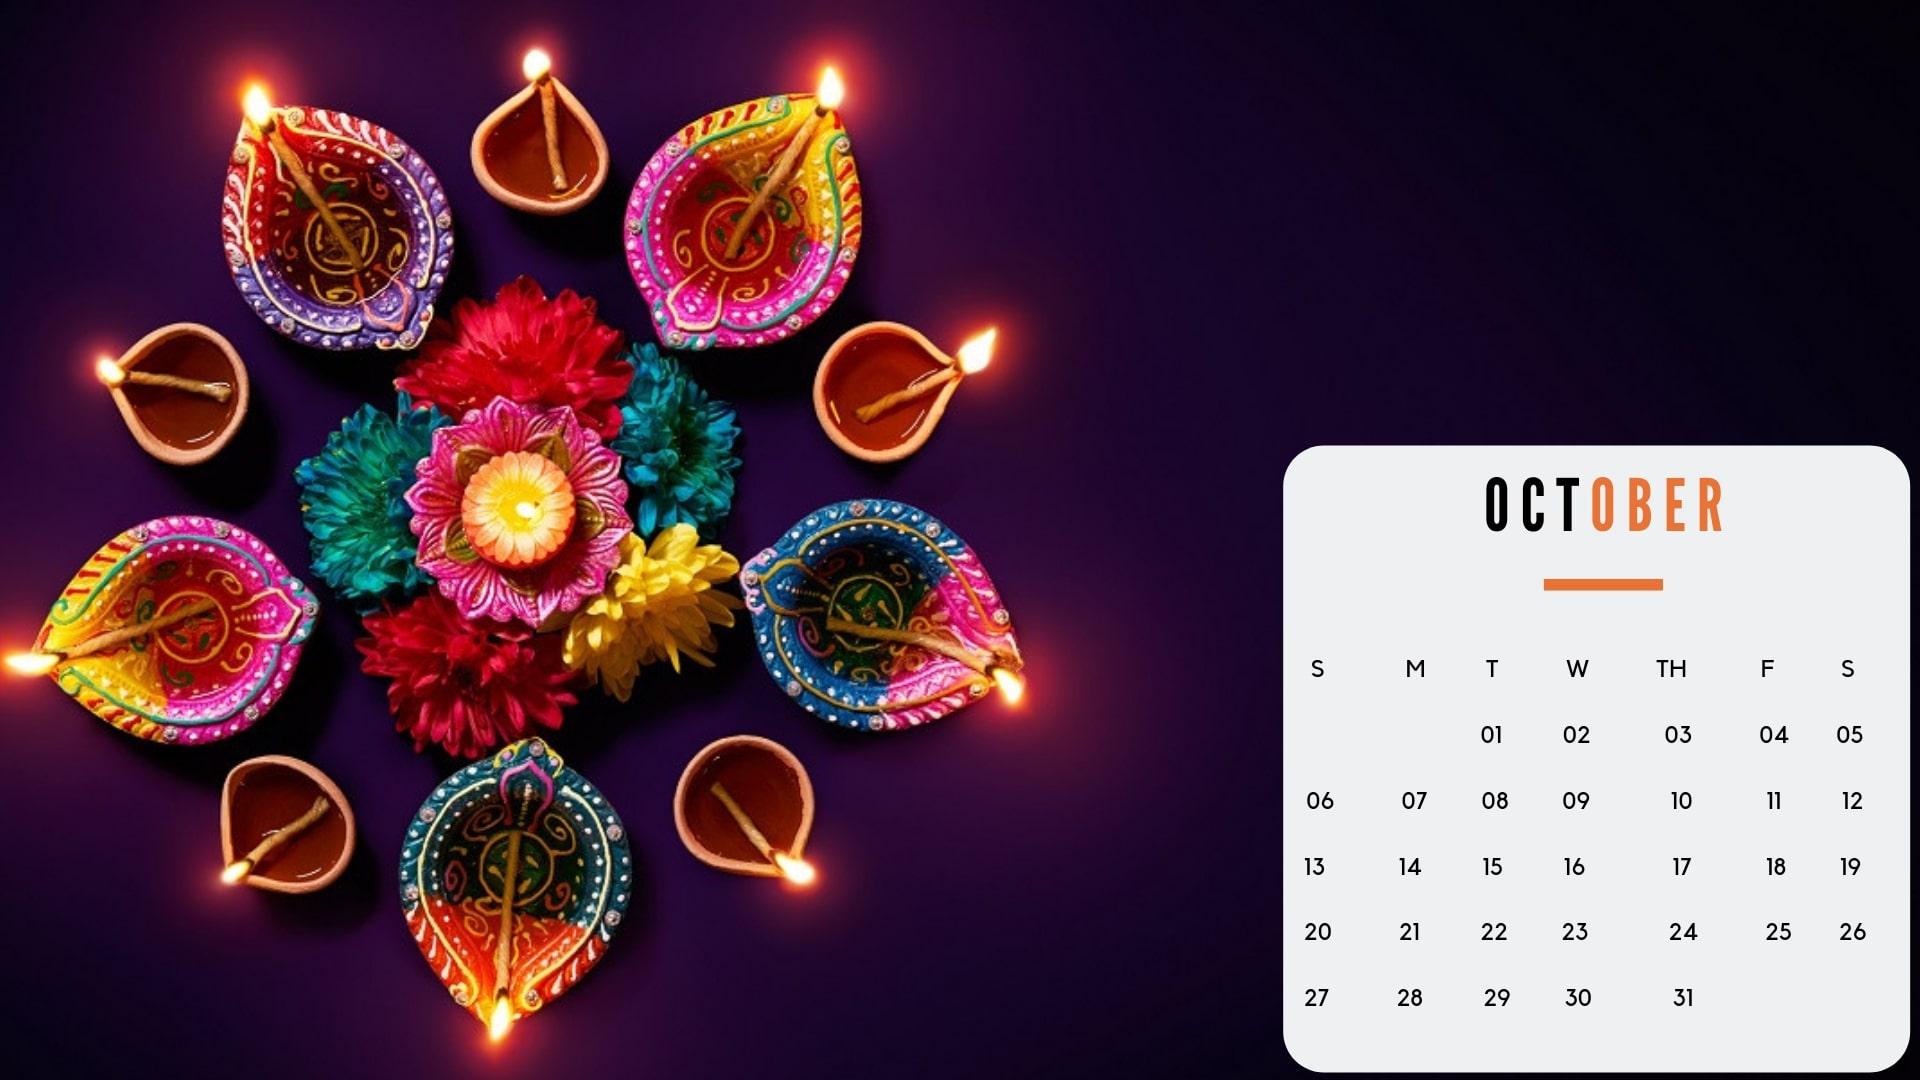 Calendar Wallpaper 2019 Download Monthly 2019 Calendar Wallpaper 1920x1080